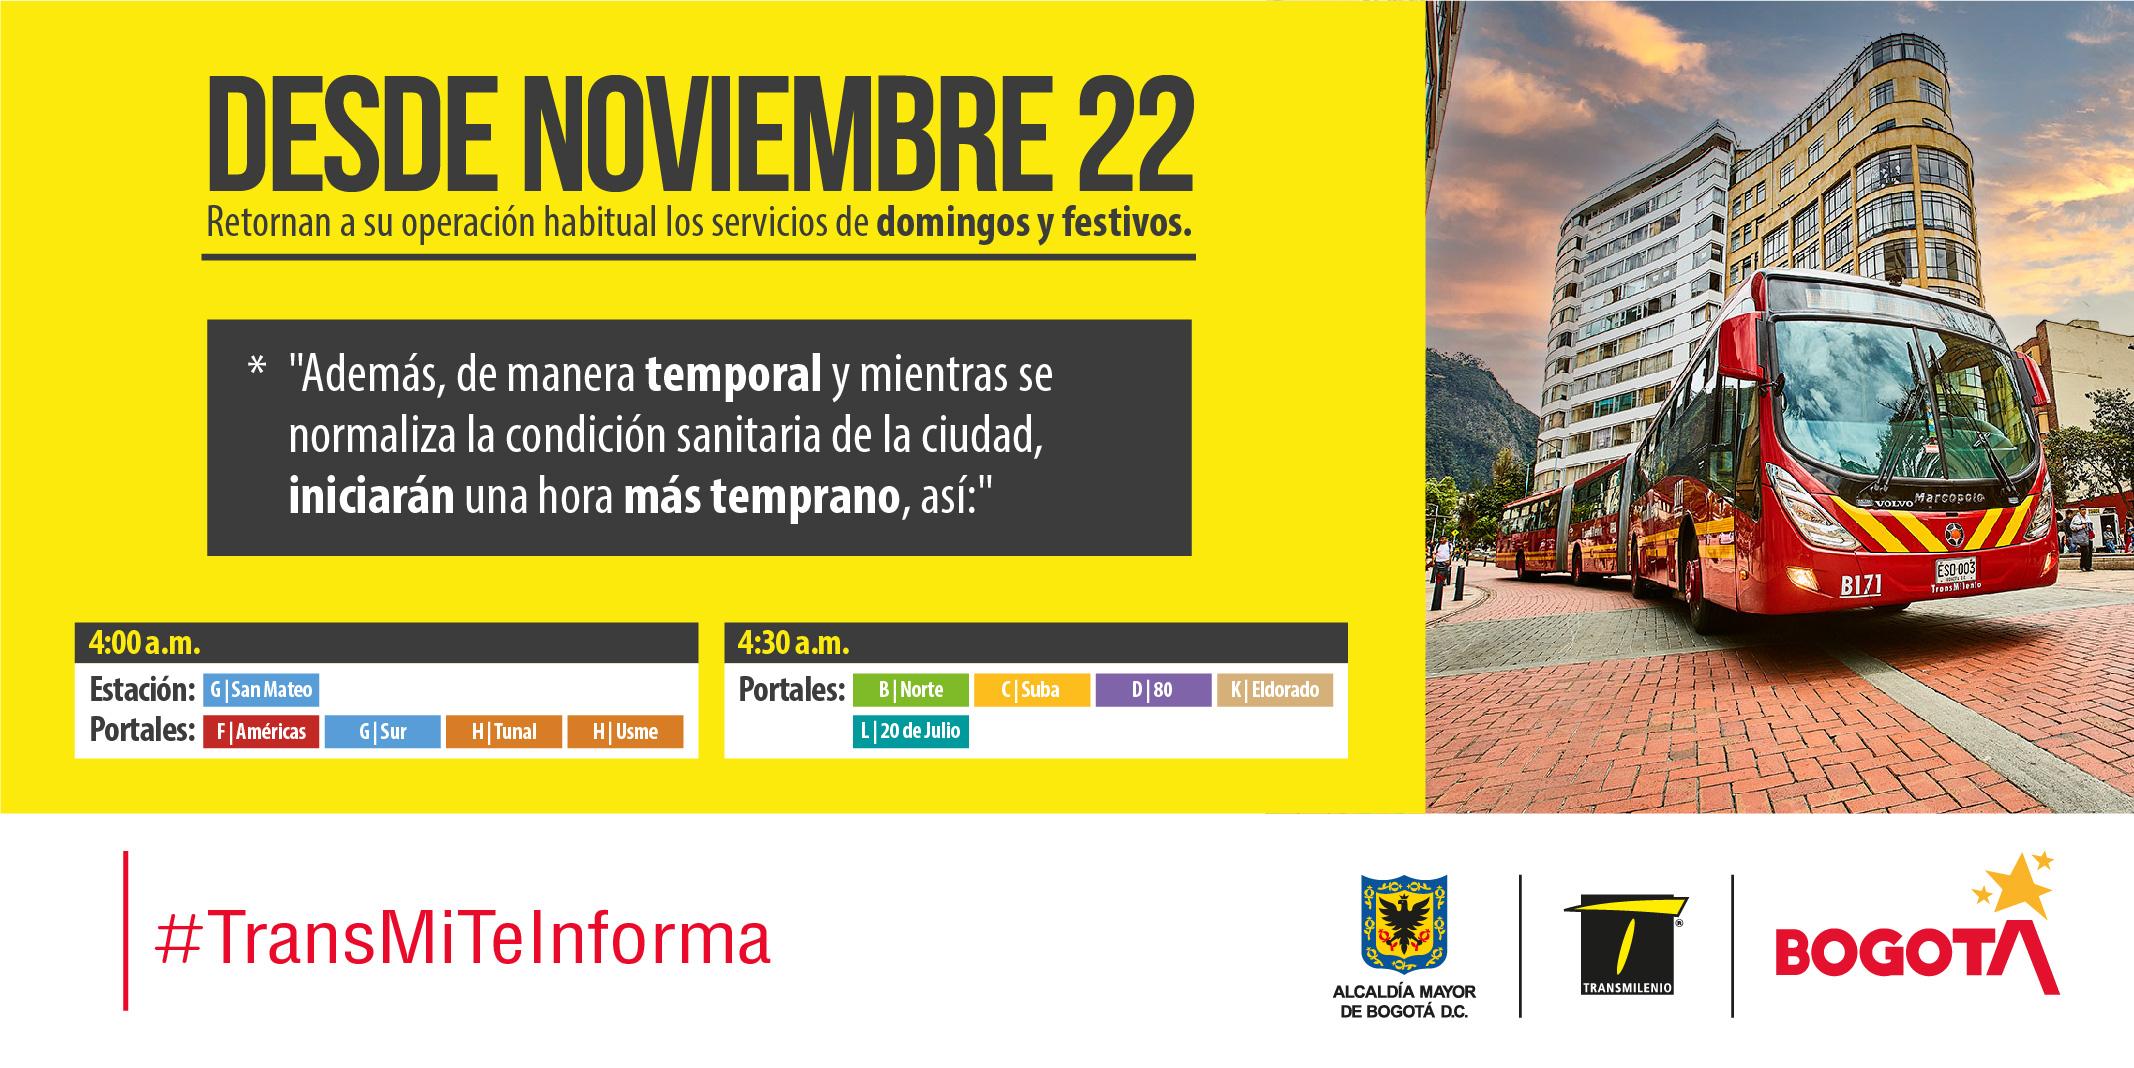 el 22 de noviembre retornan su operación habitual los servicios de domingos y festivos